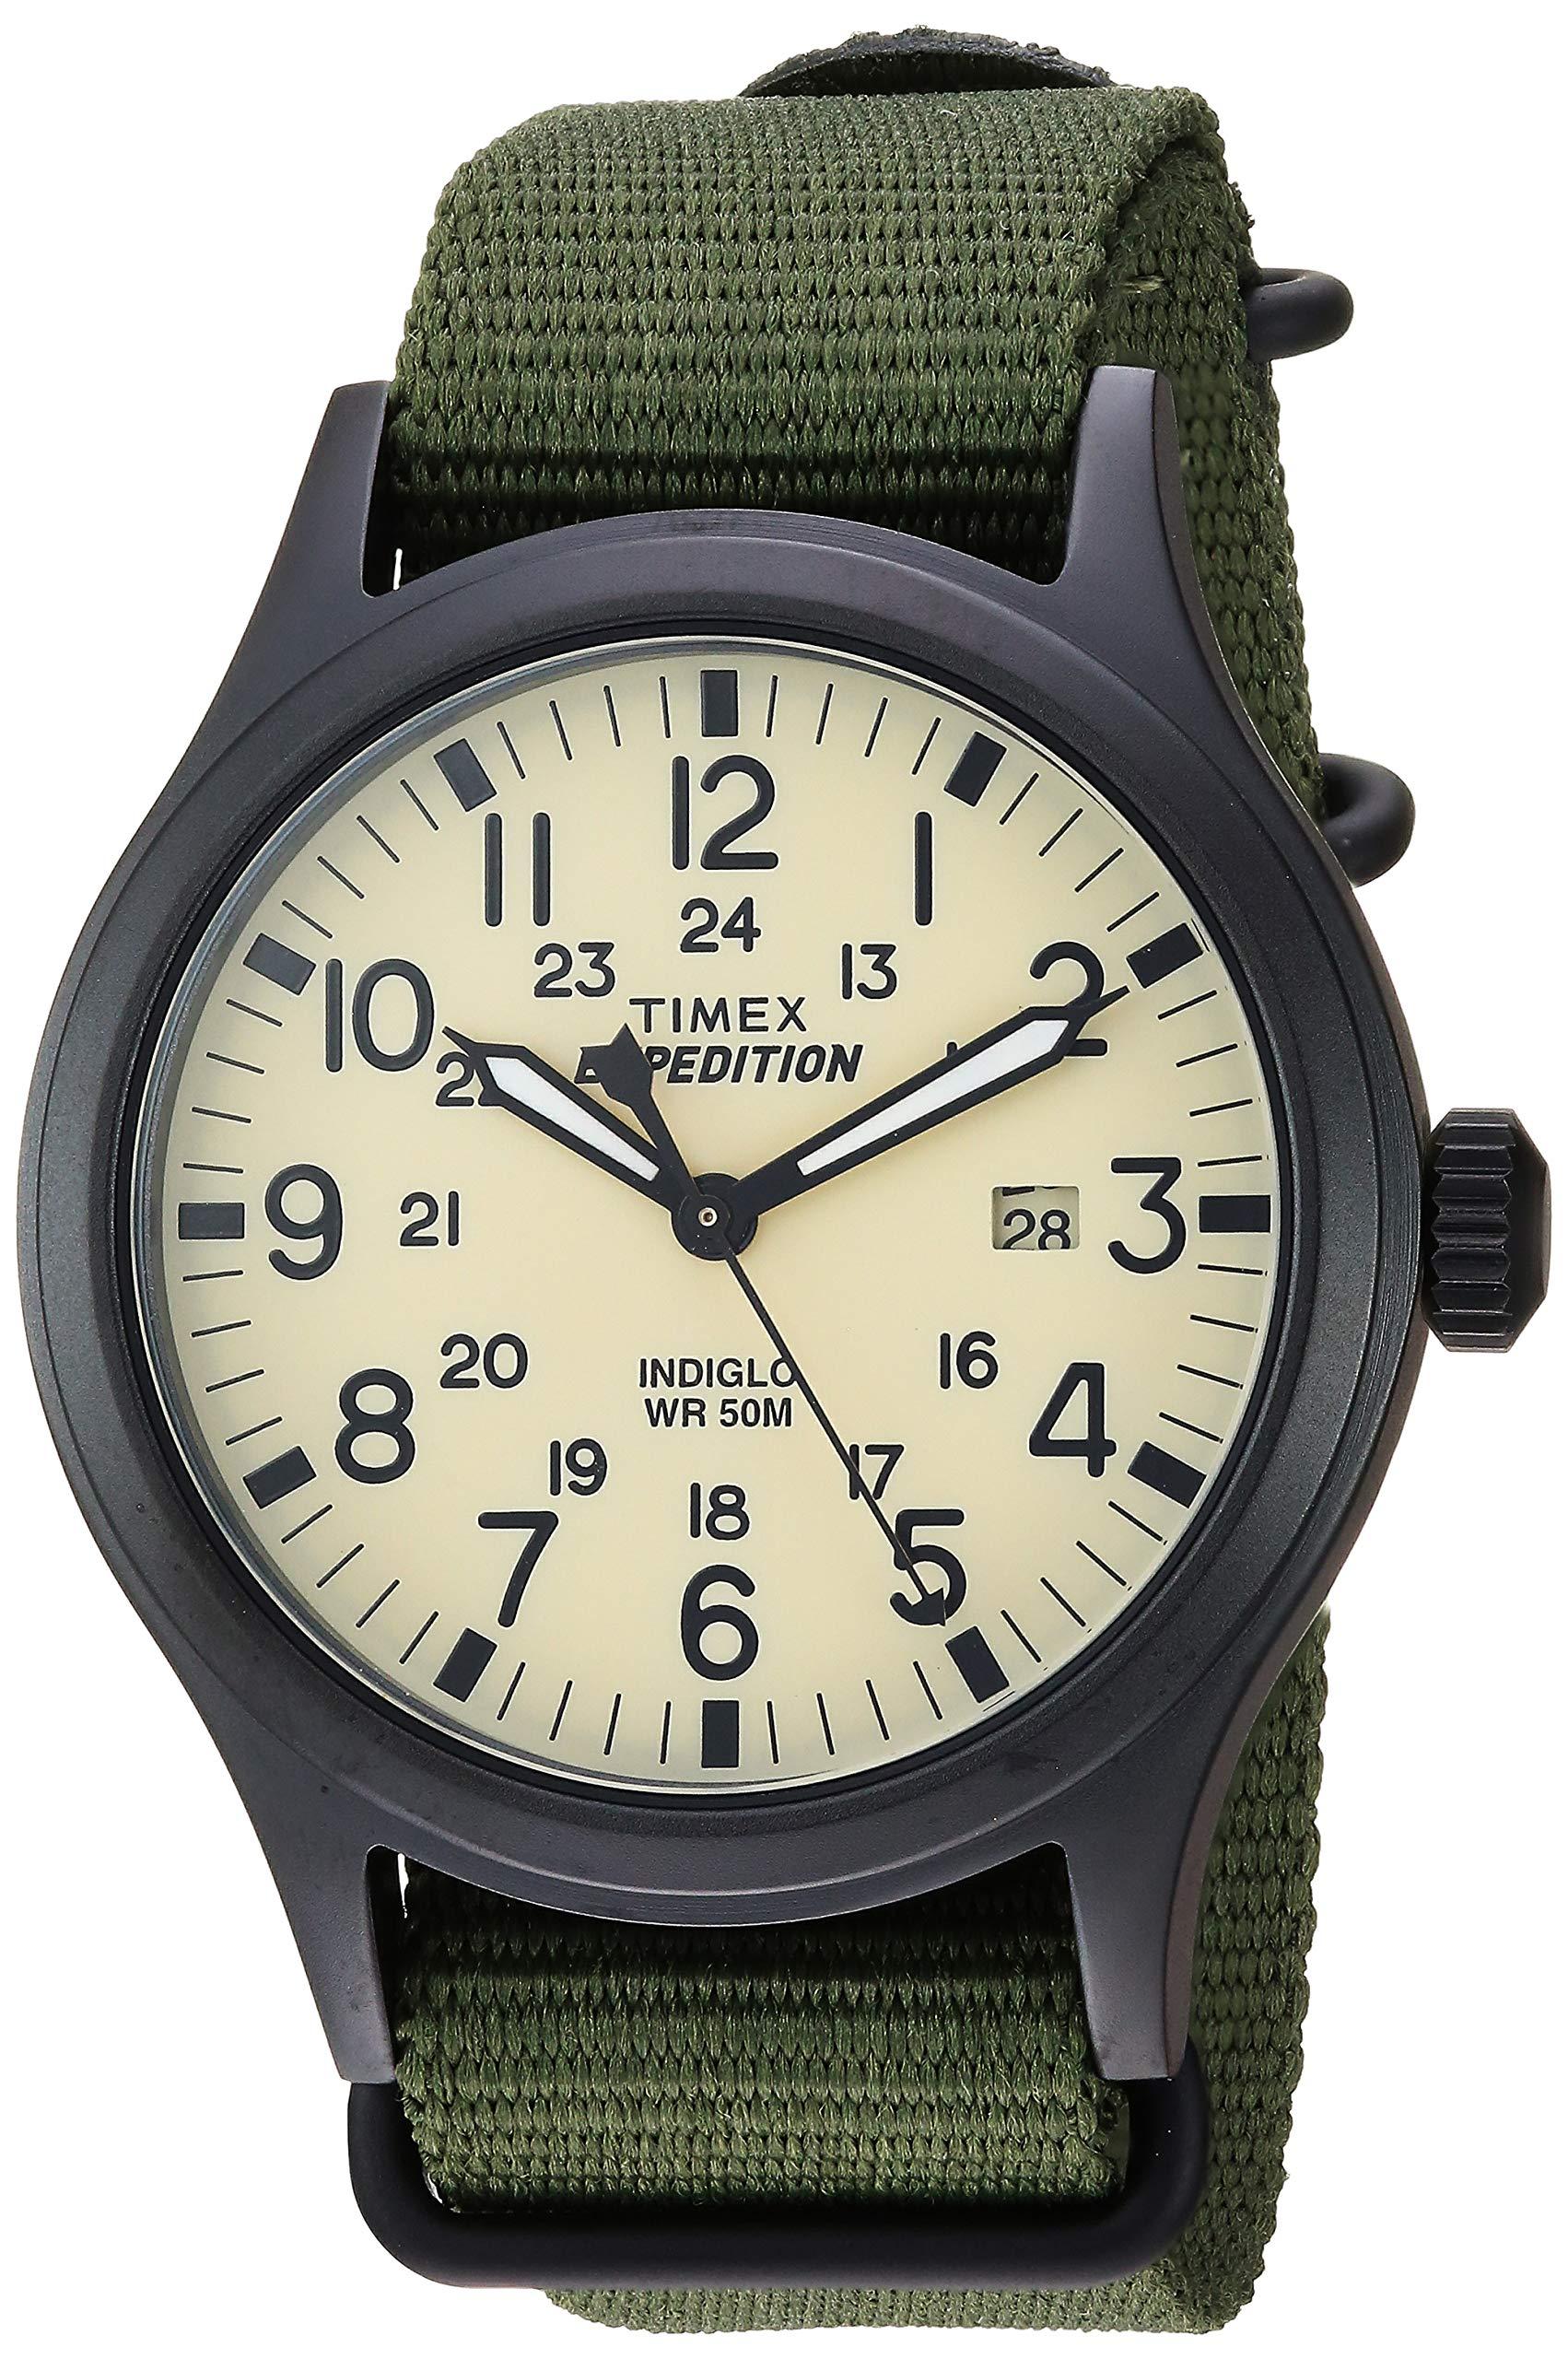 Timex Men's TW4B15500 Expedition Scout 40 Green/Black/Cream Nylon Slip-Thru Strap Watch by Timex